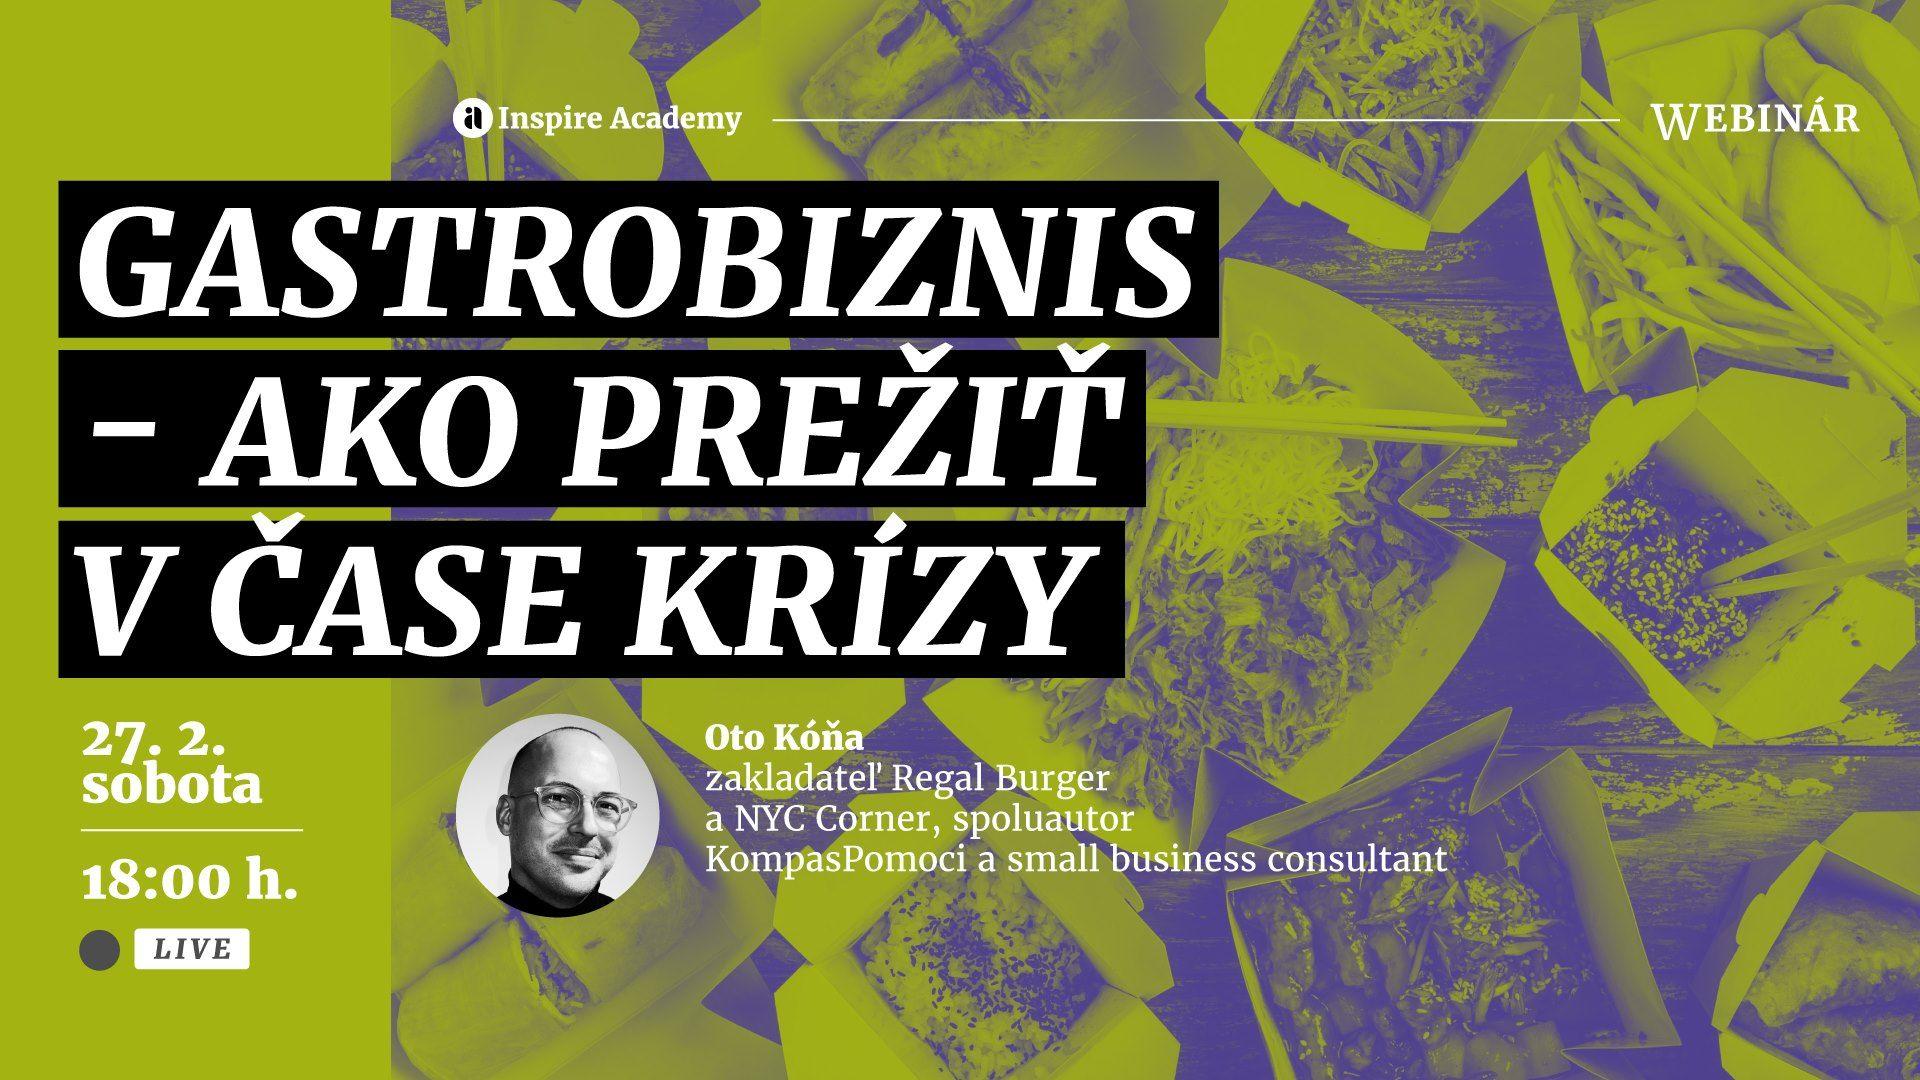 Kurz zásad úspešného podnikania v gastronómii v čase pandemickej krízy